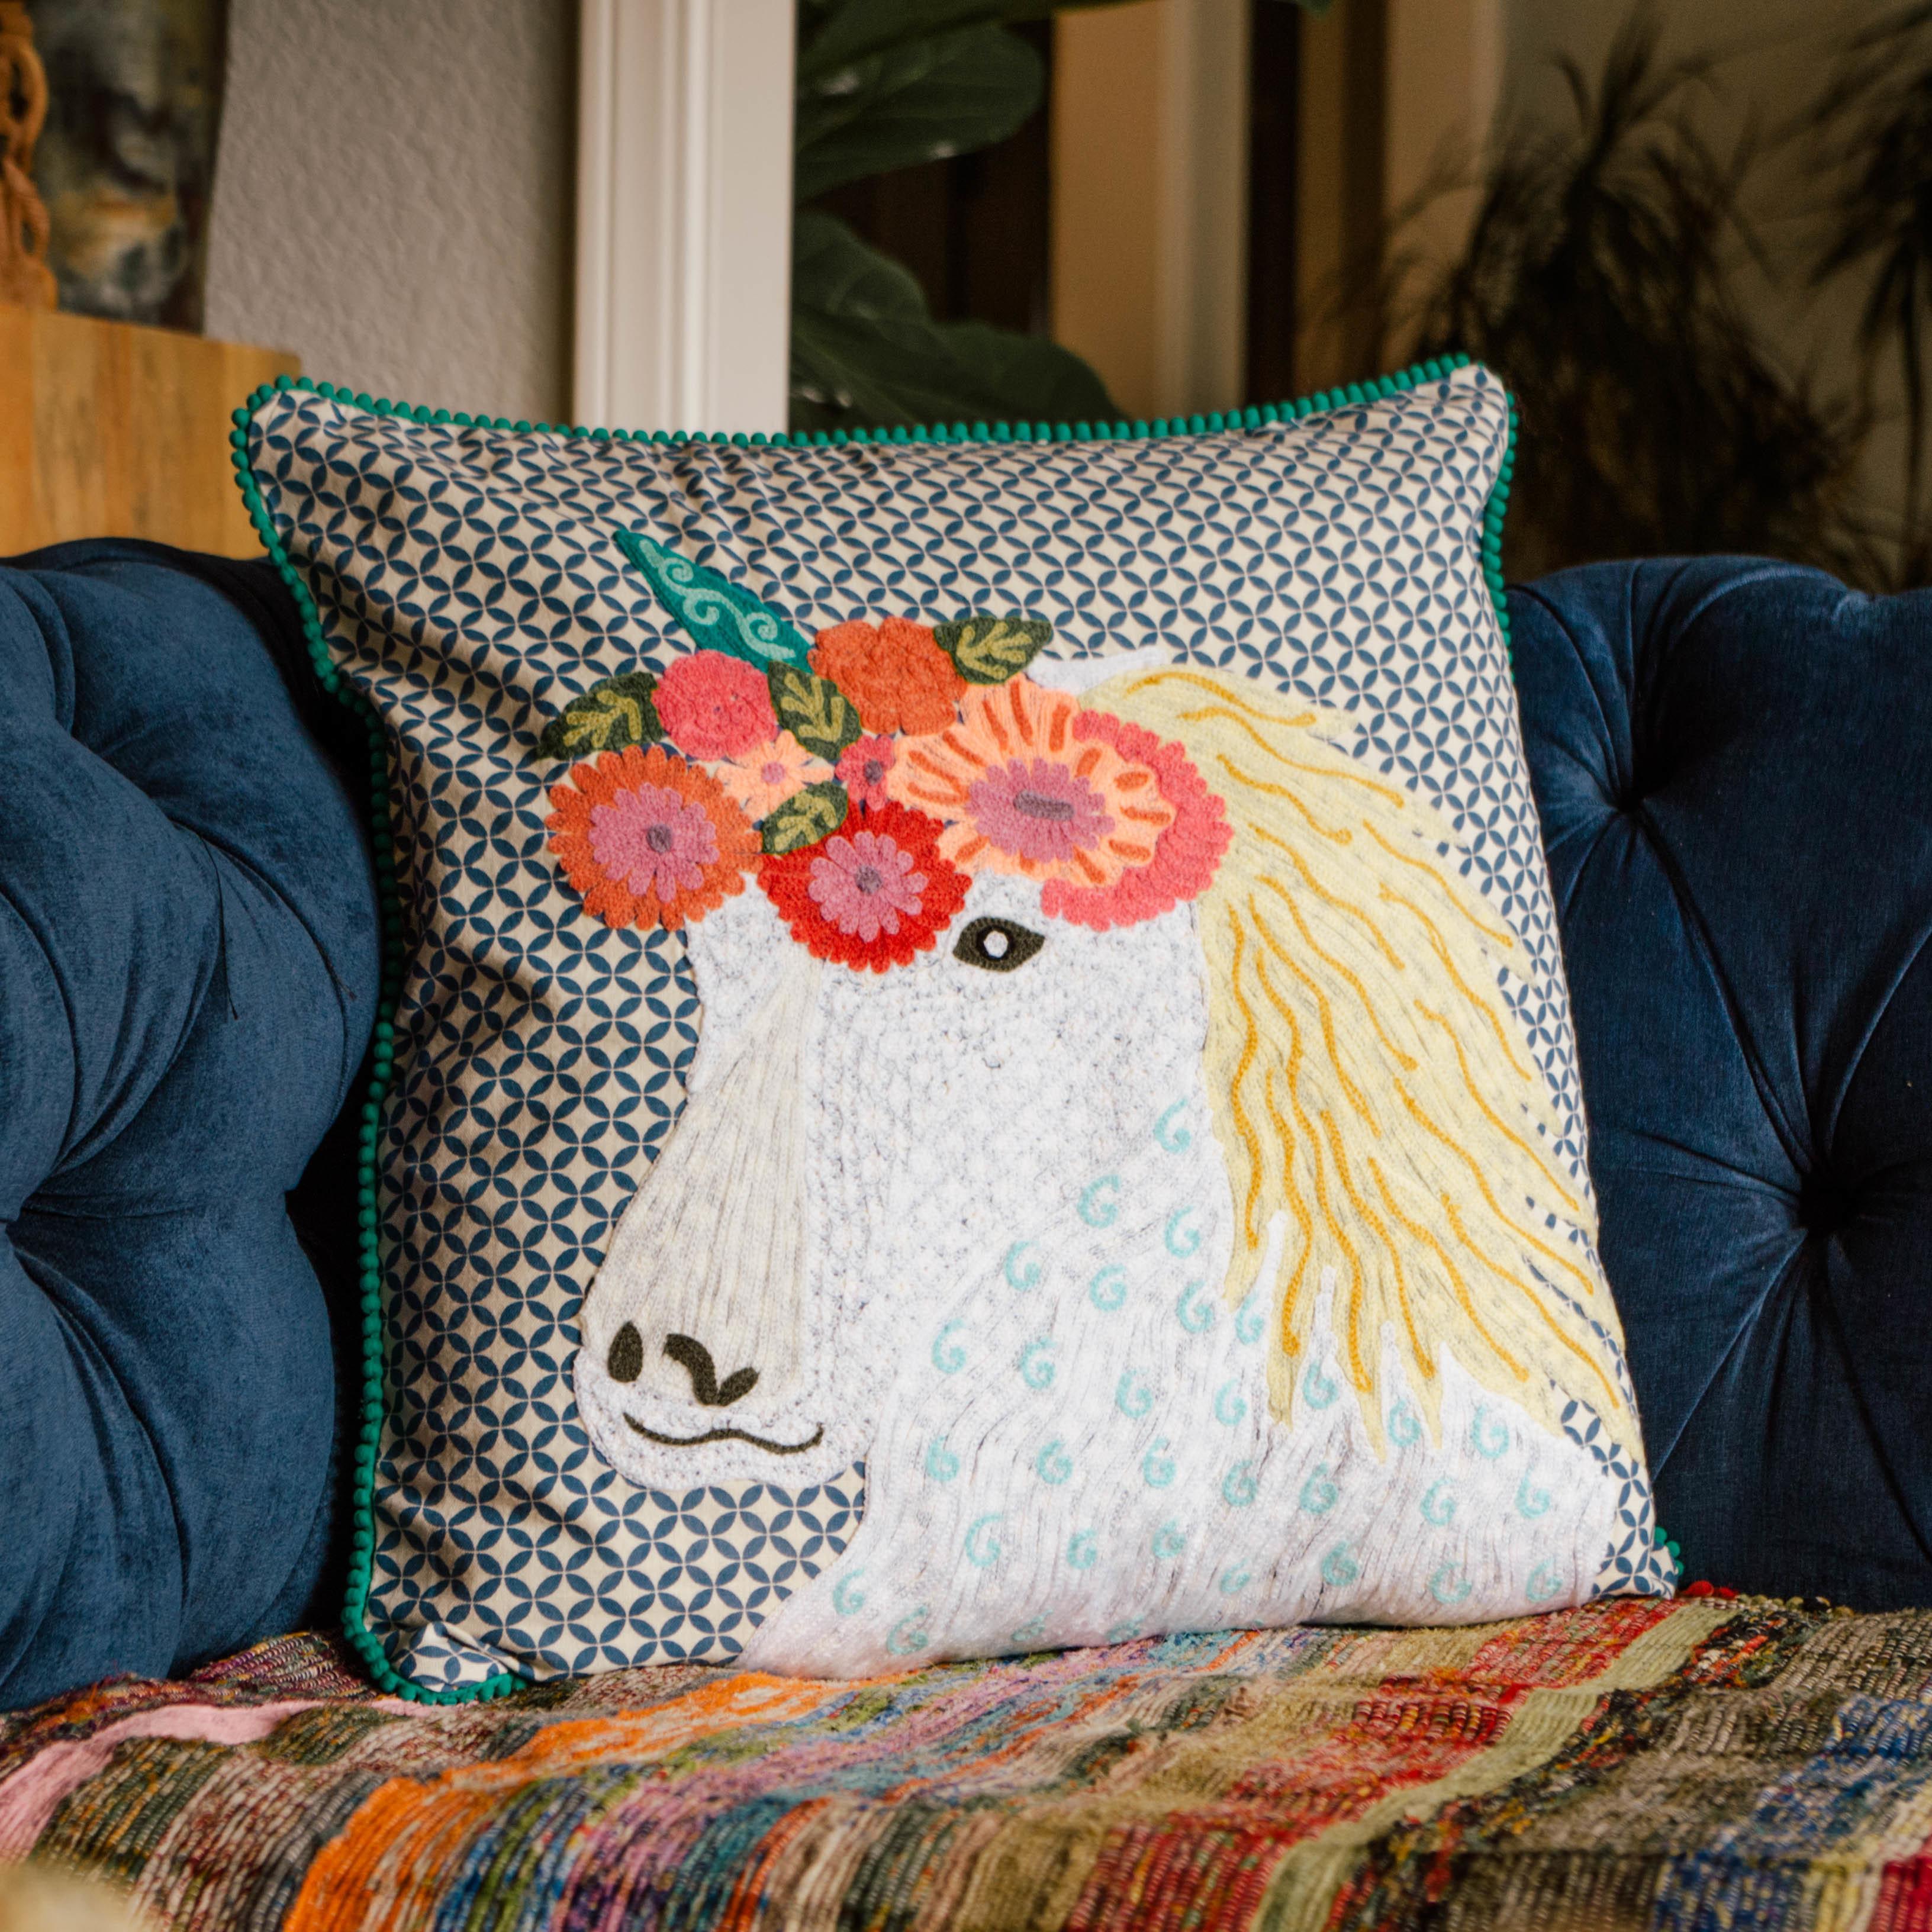 Unicorn pillow abcc161043_Blyl AMB5DXVV655RR